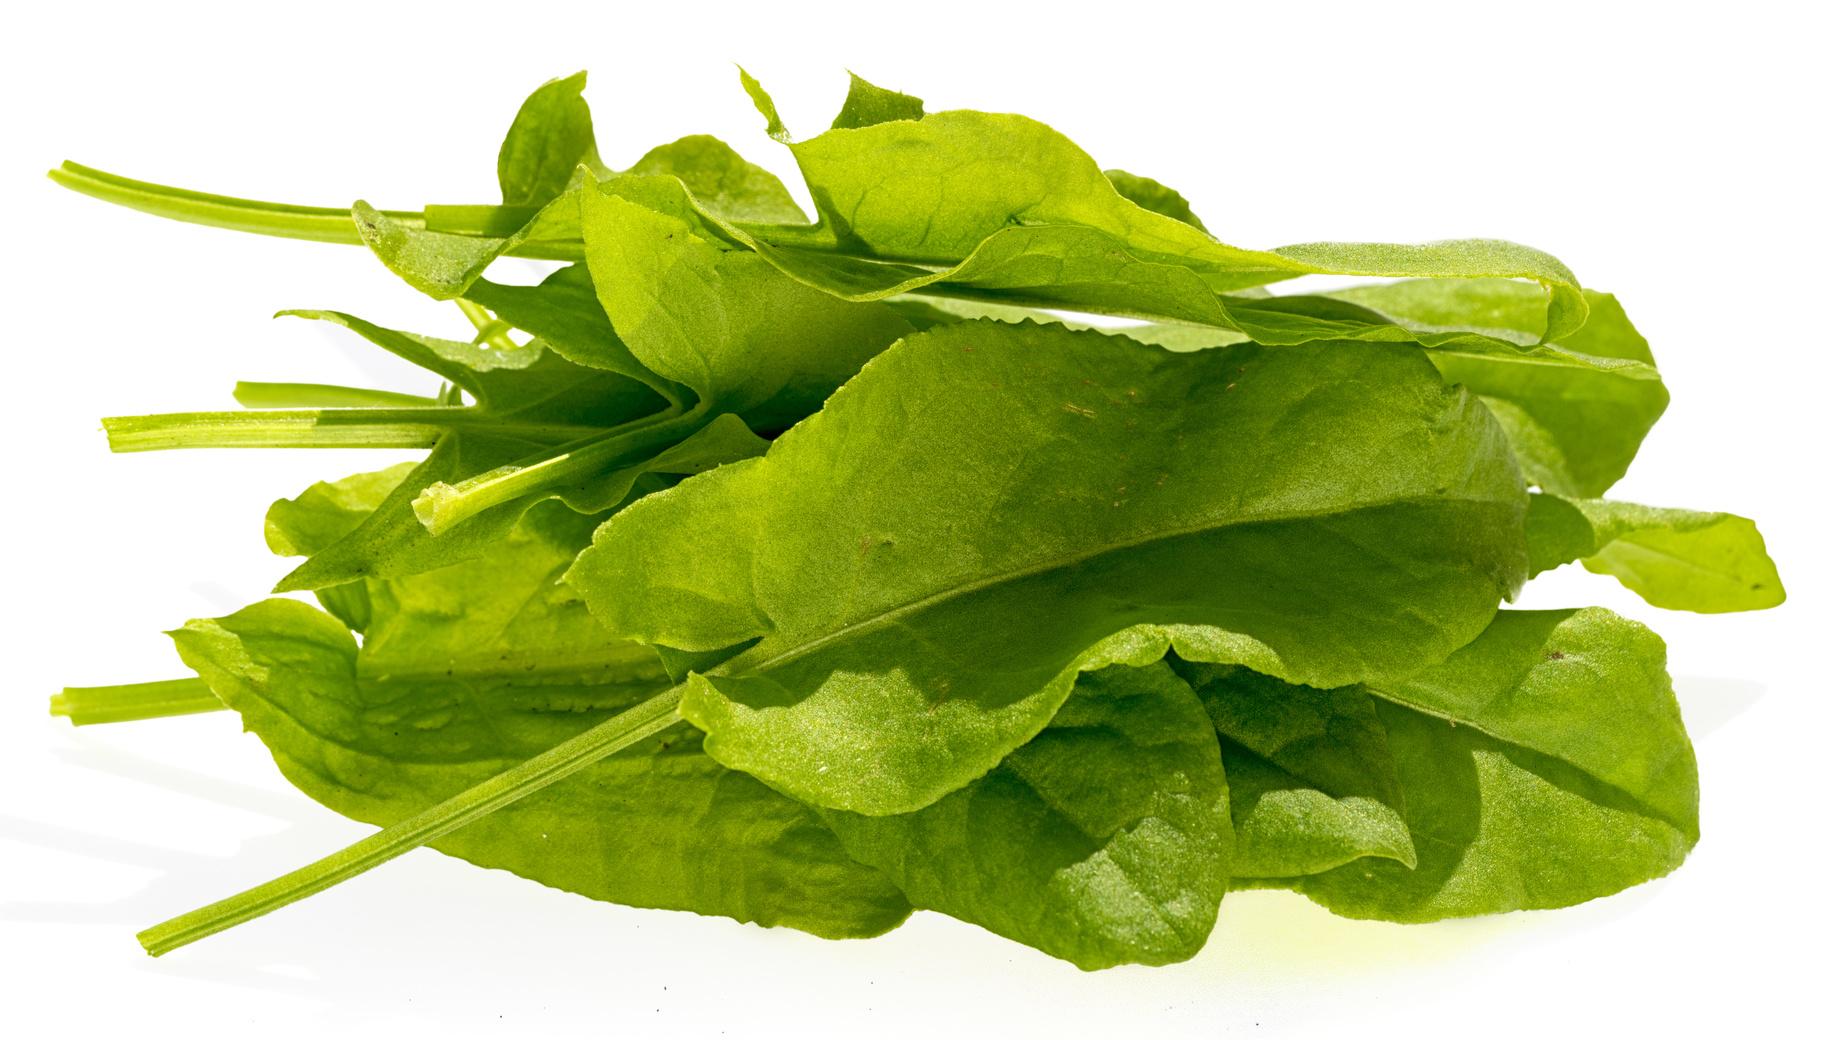 oseille fraîche légume nutrition recette santé